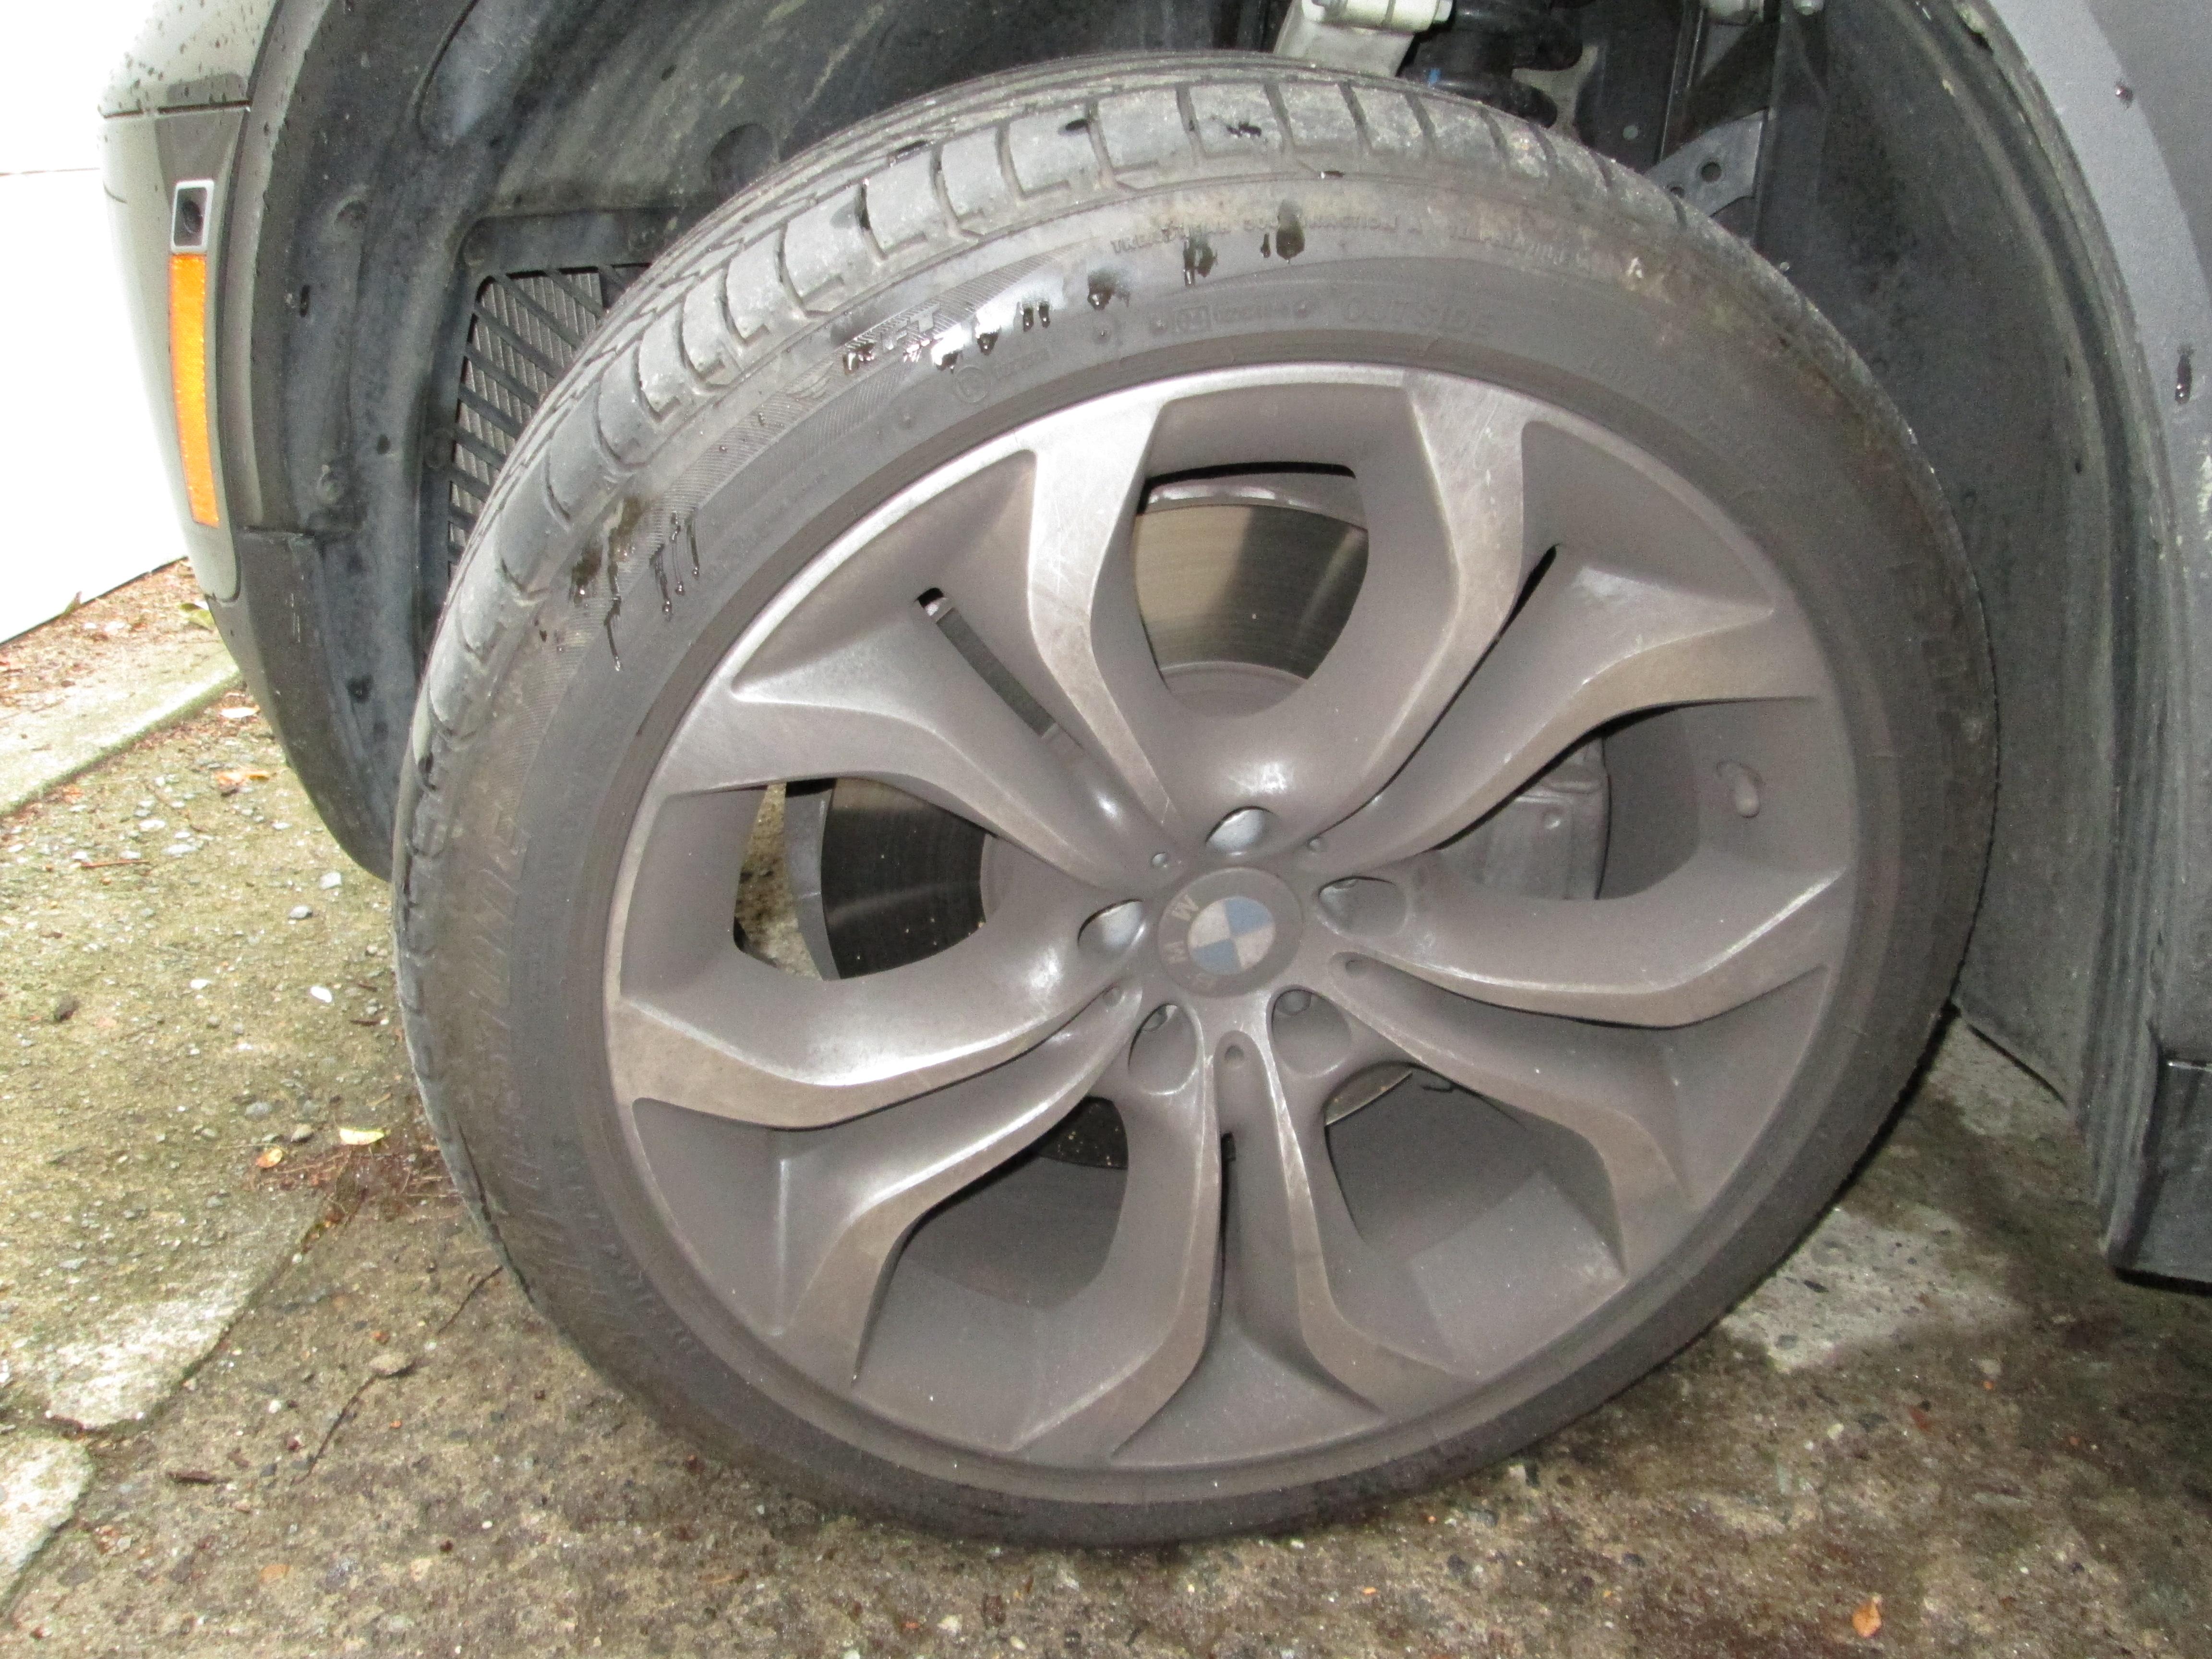 BMW X5 Wheels BEFORE